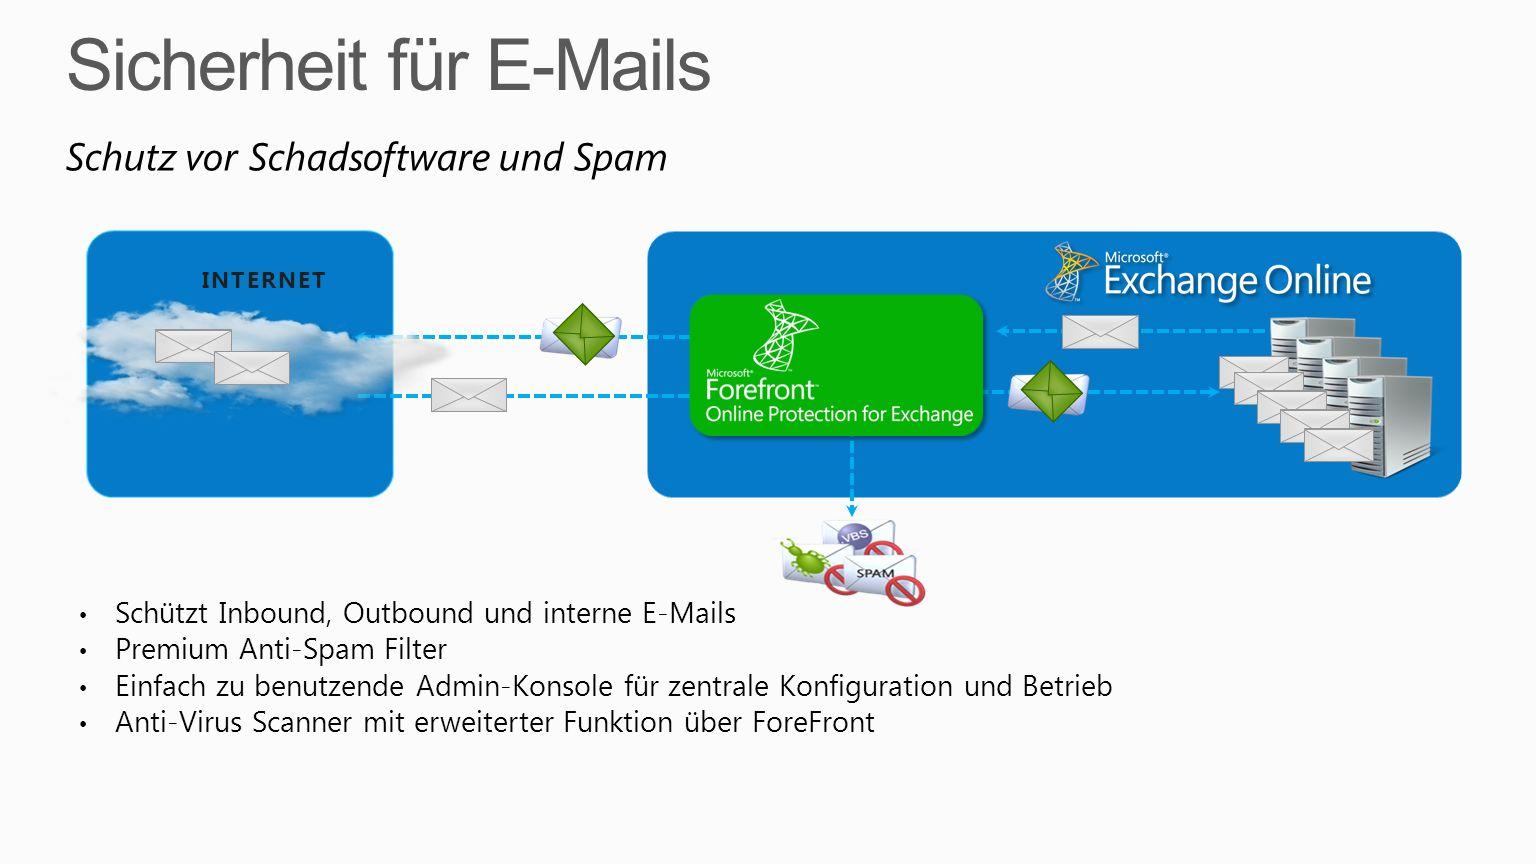 Sicherheit für E-Mails